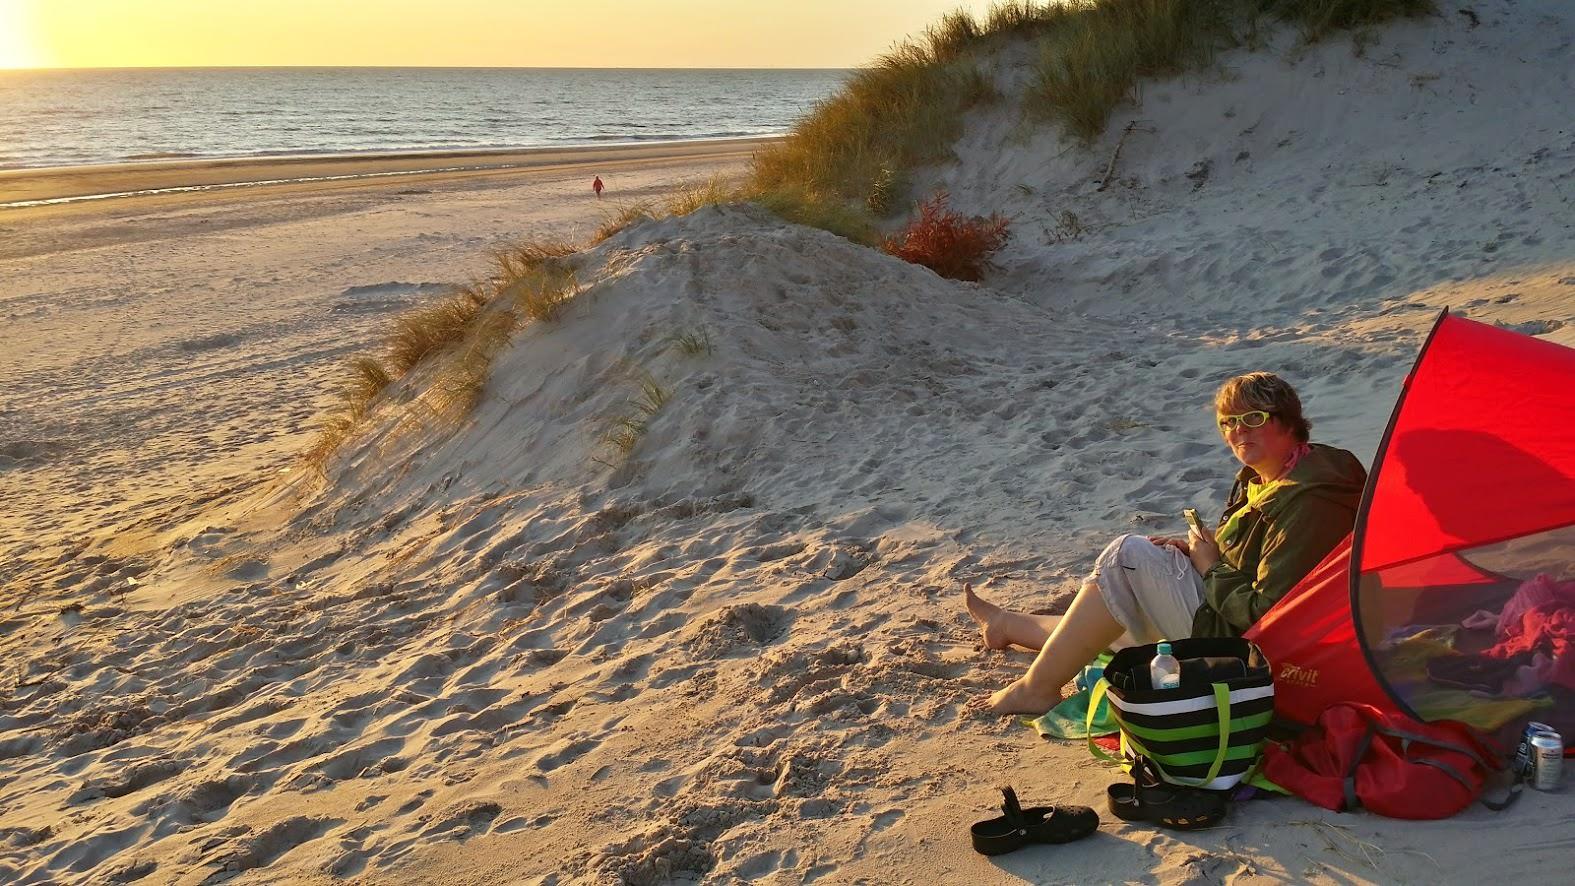 Am Strand von Hviede Sande